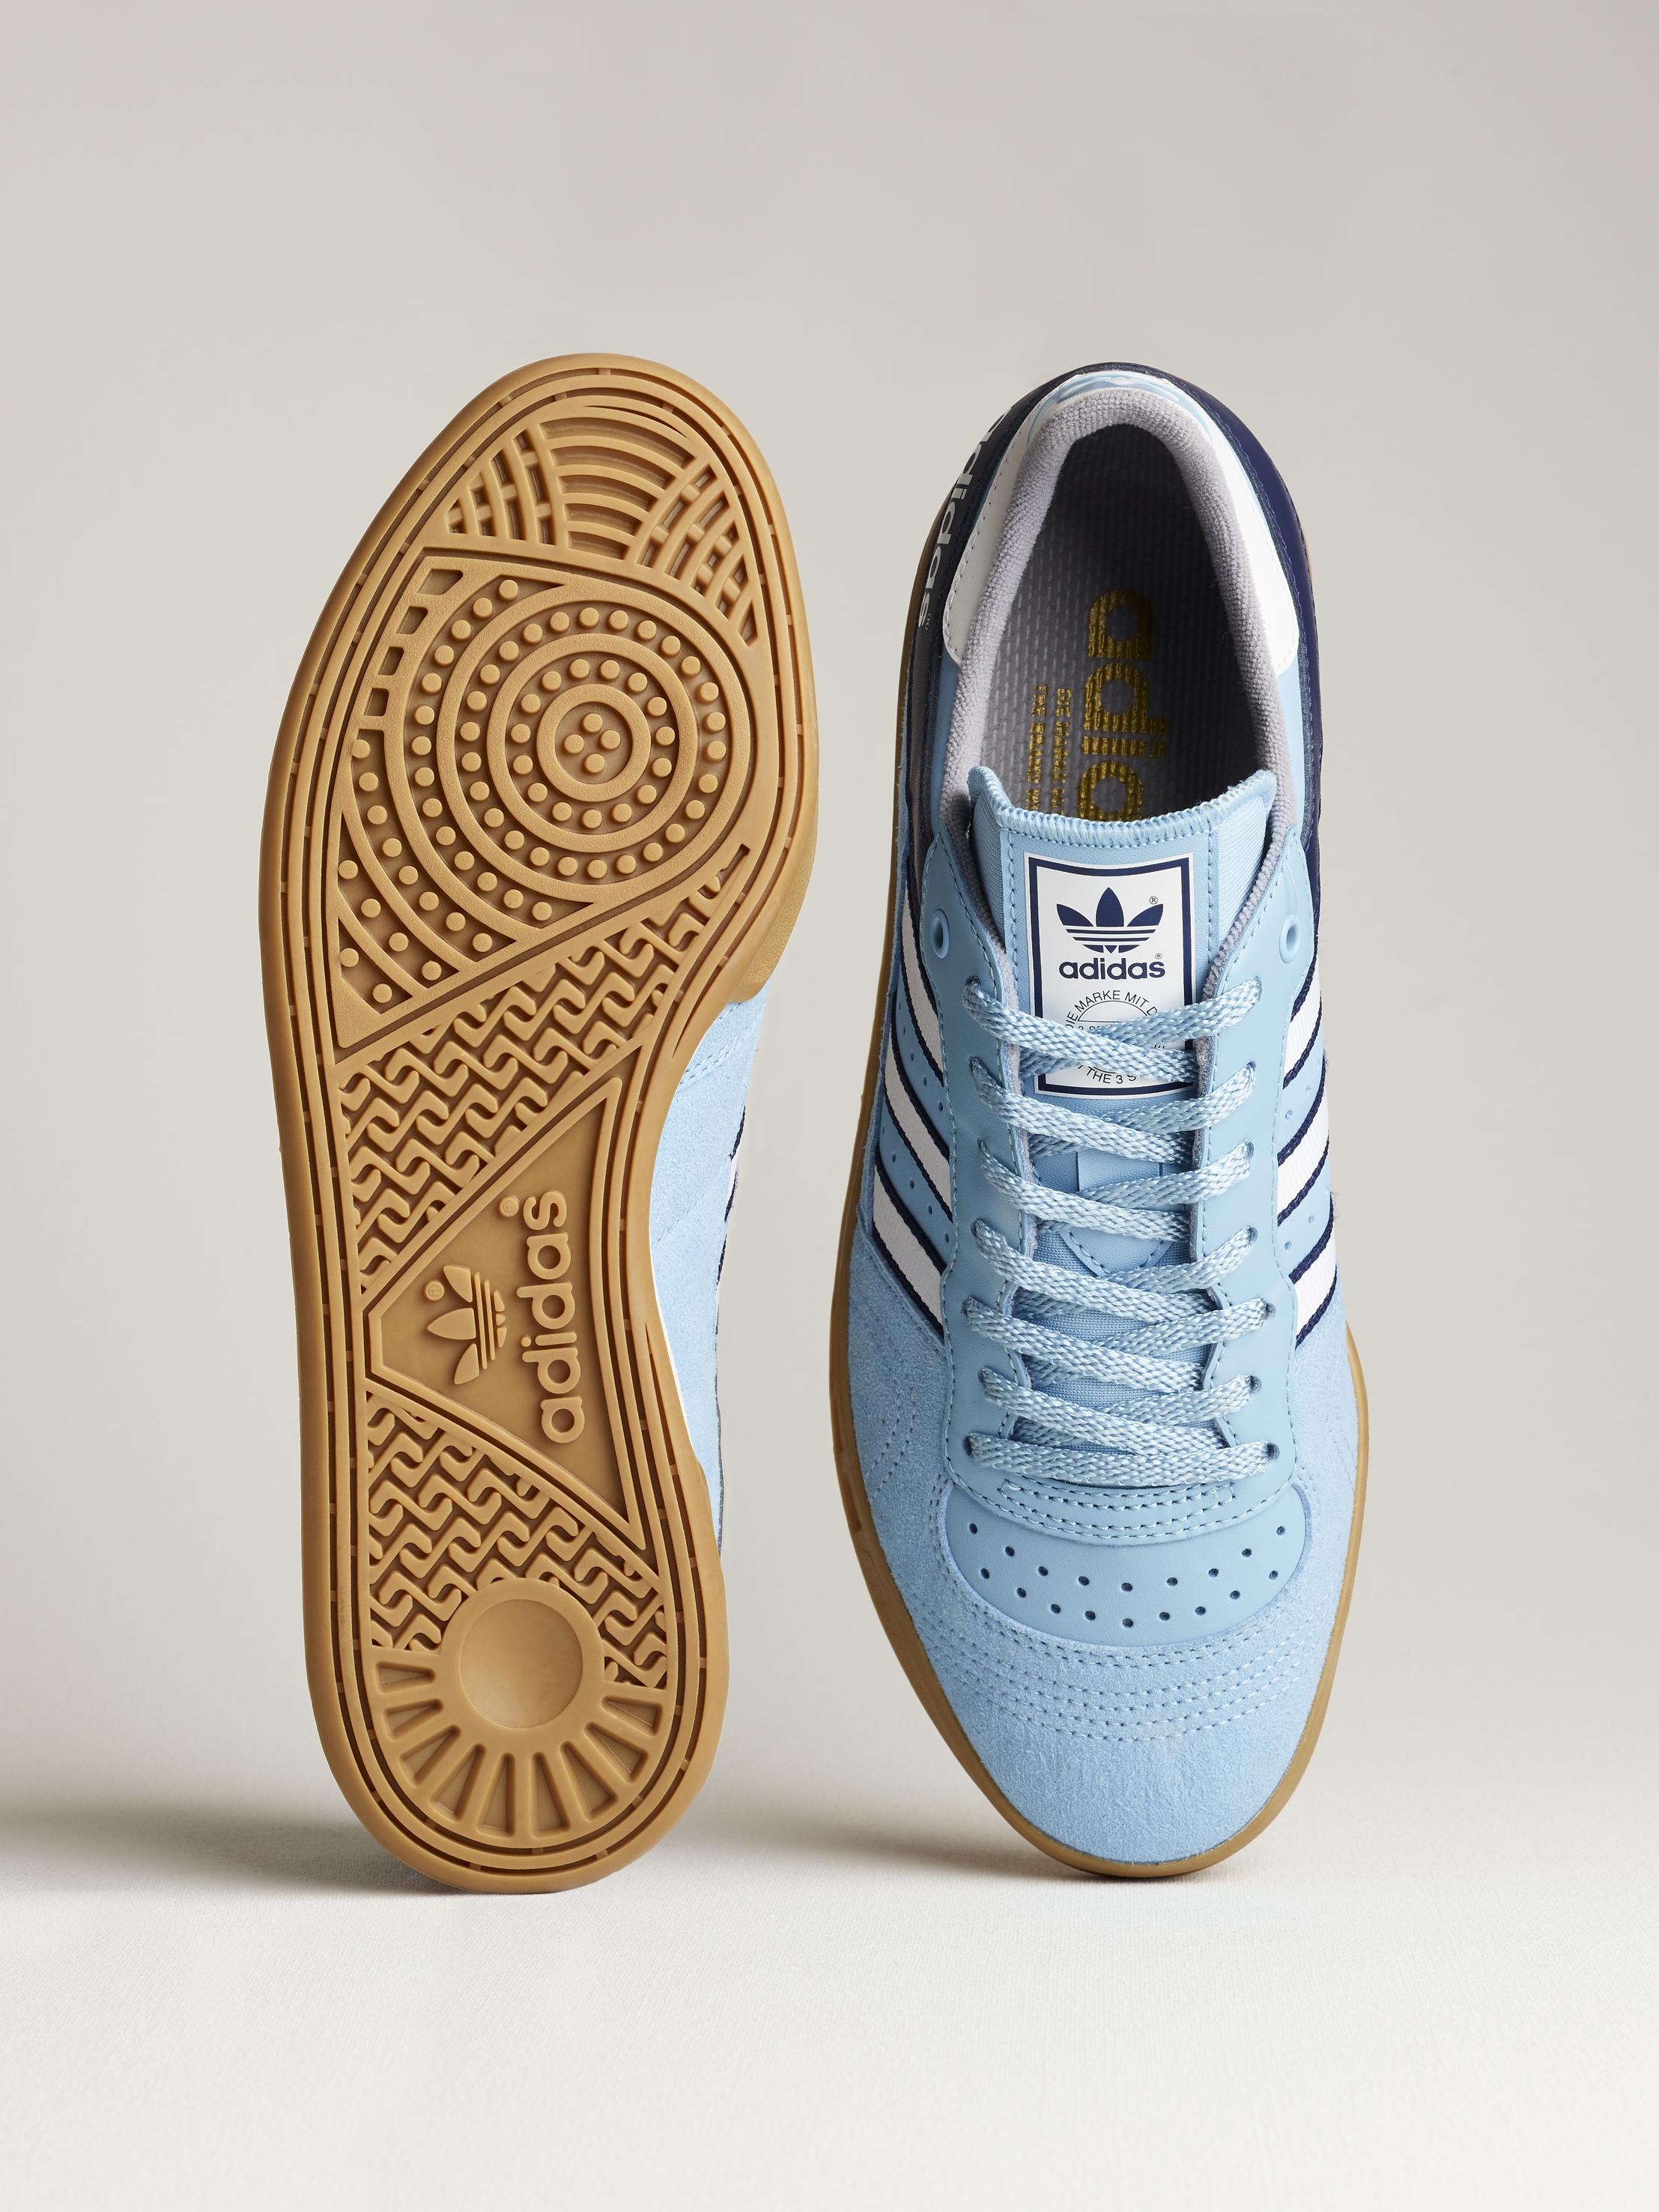 adidas Originals Archive Handball Top size? Exclusive